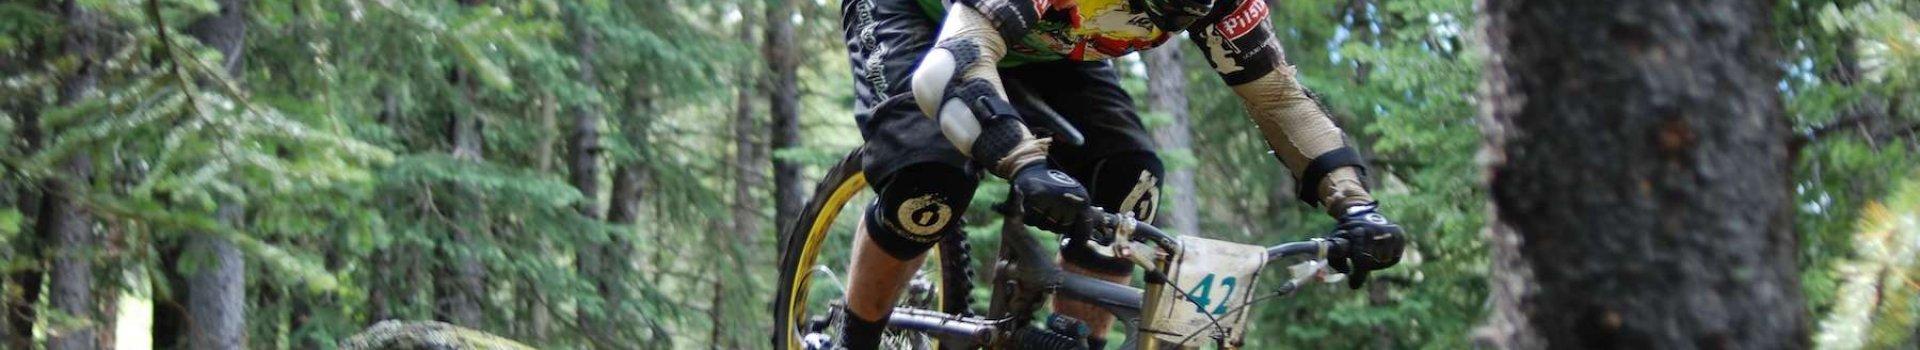 Gogle rowerowe - wygoda to nie wszystko